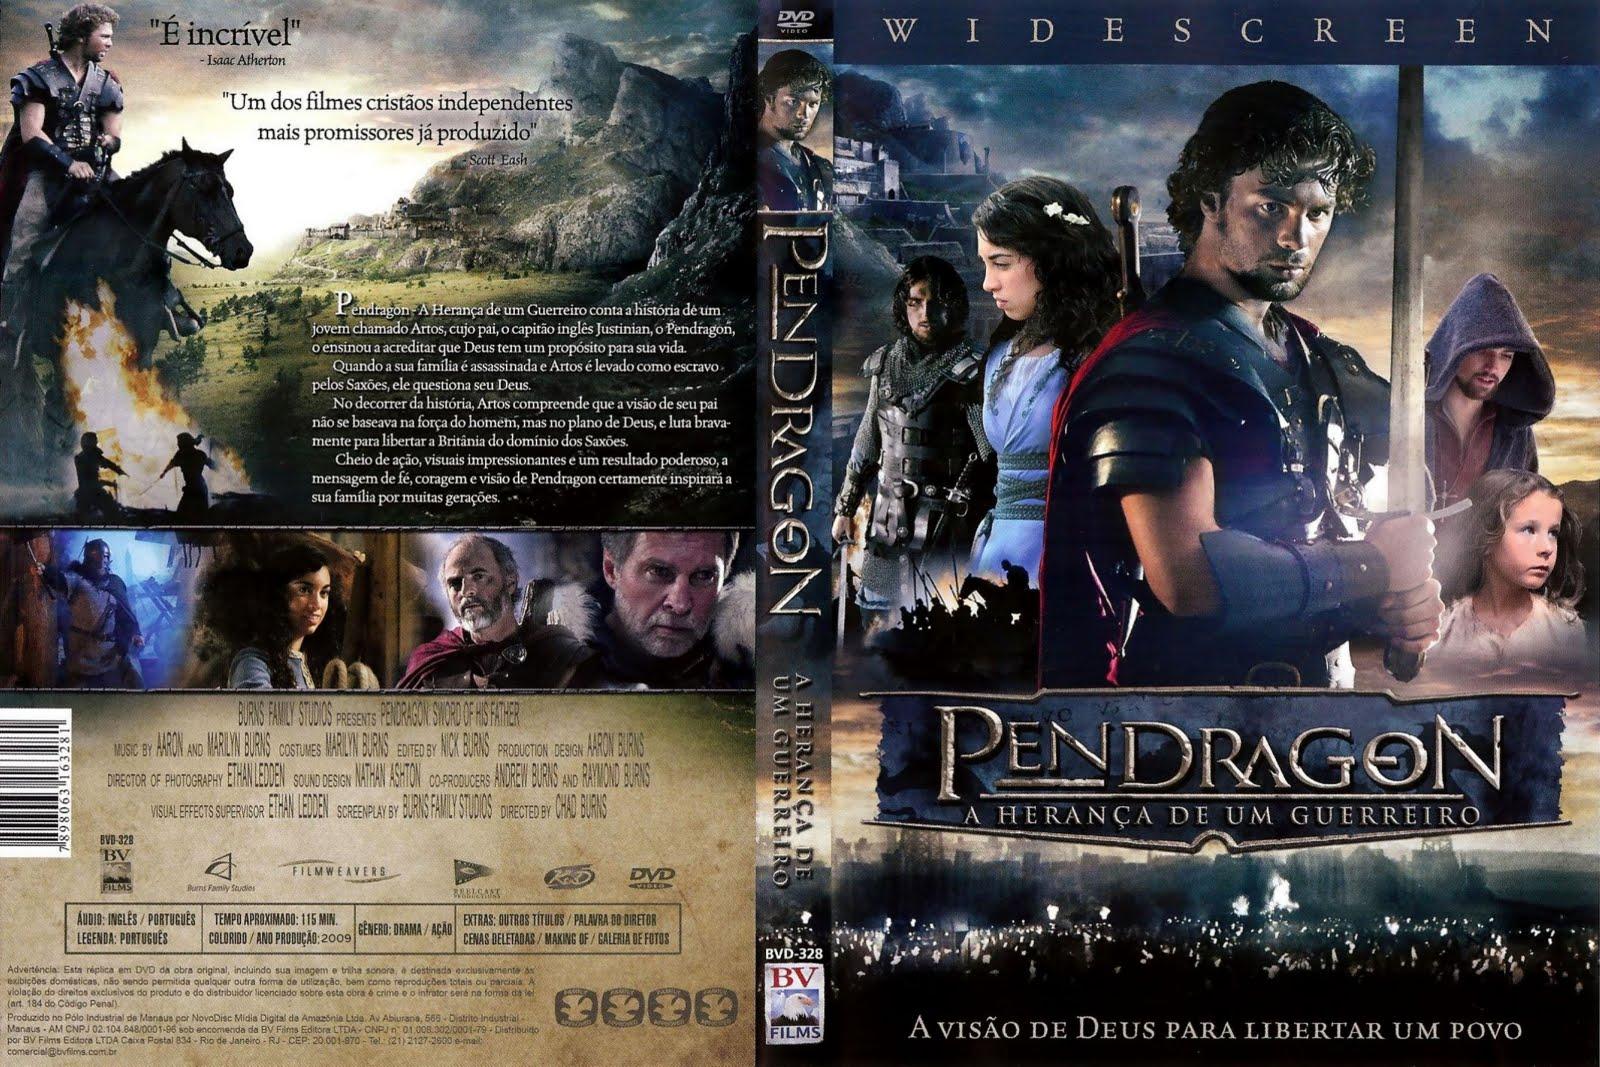 FILME ONLINE PENDRAGON A HERANÇA DE UM GUERREIRO